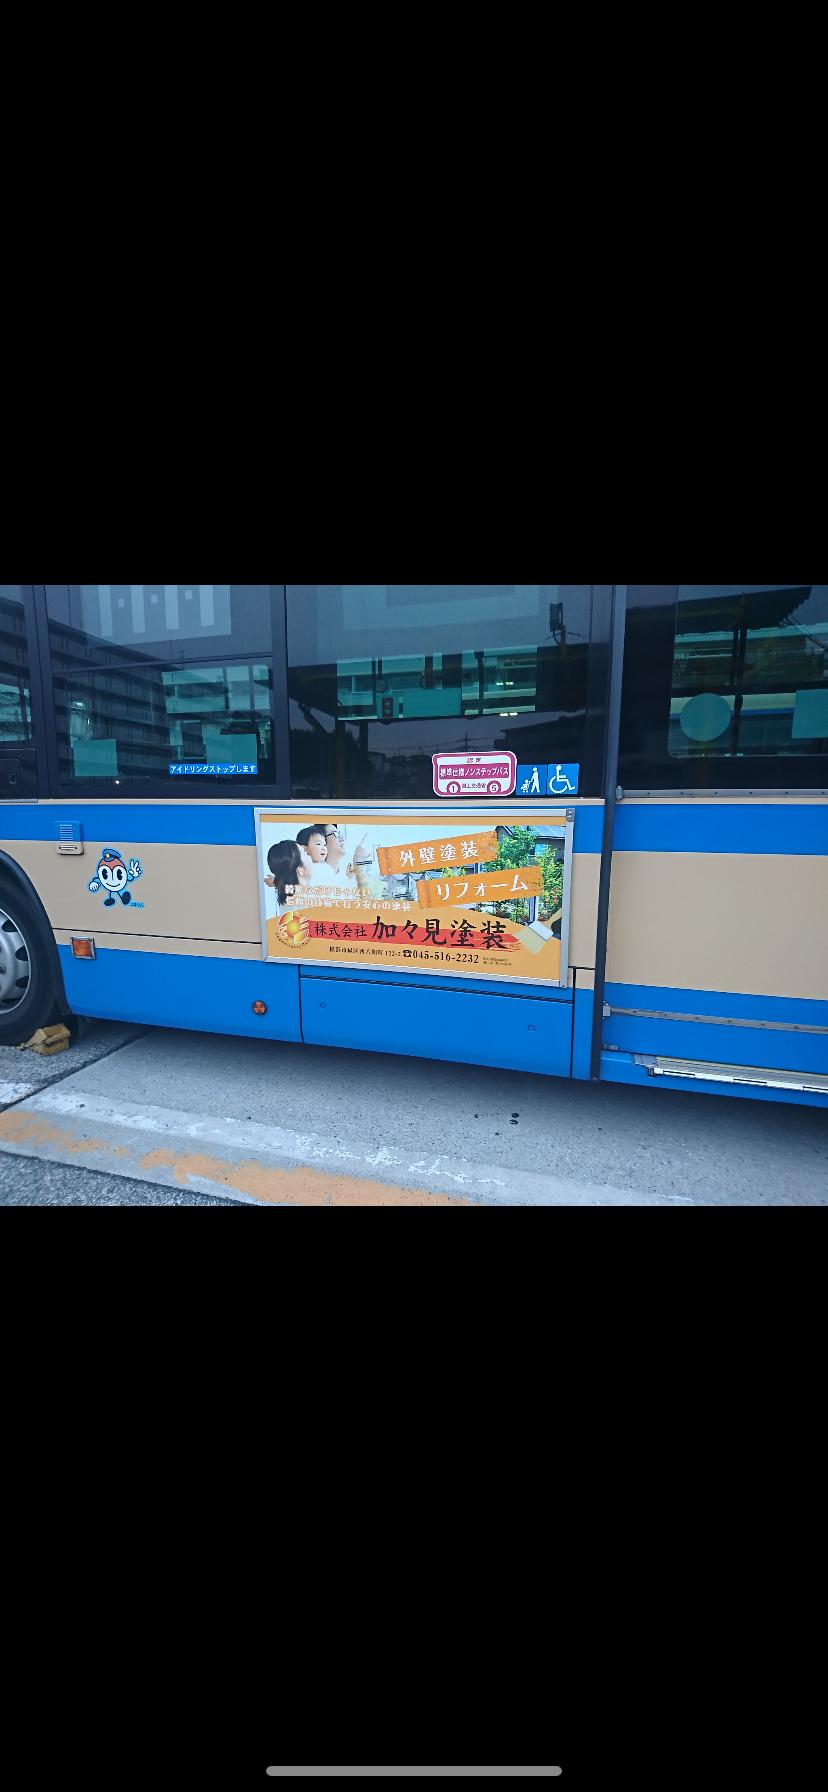 バス広告です!宜しくお願いします。画像5